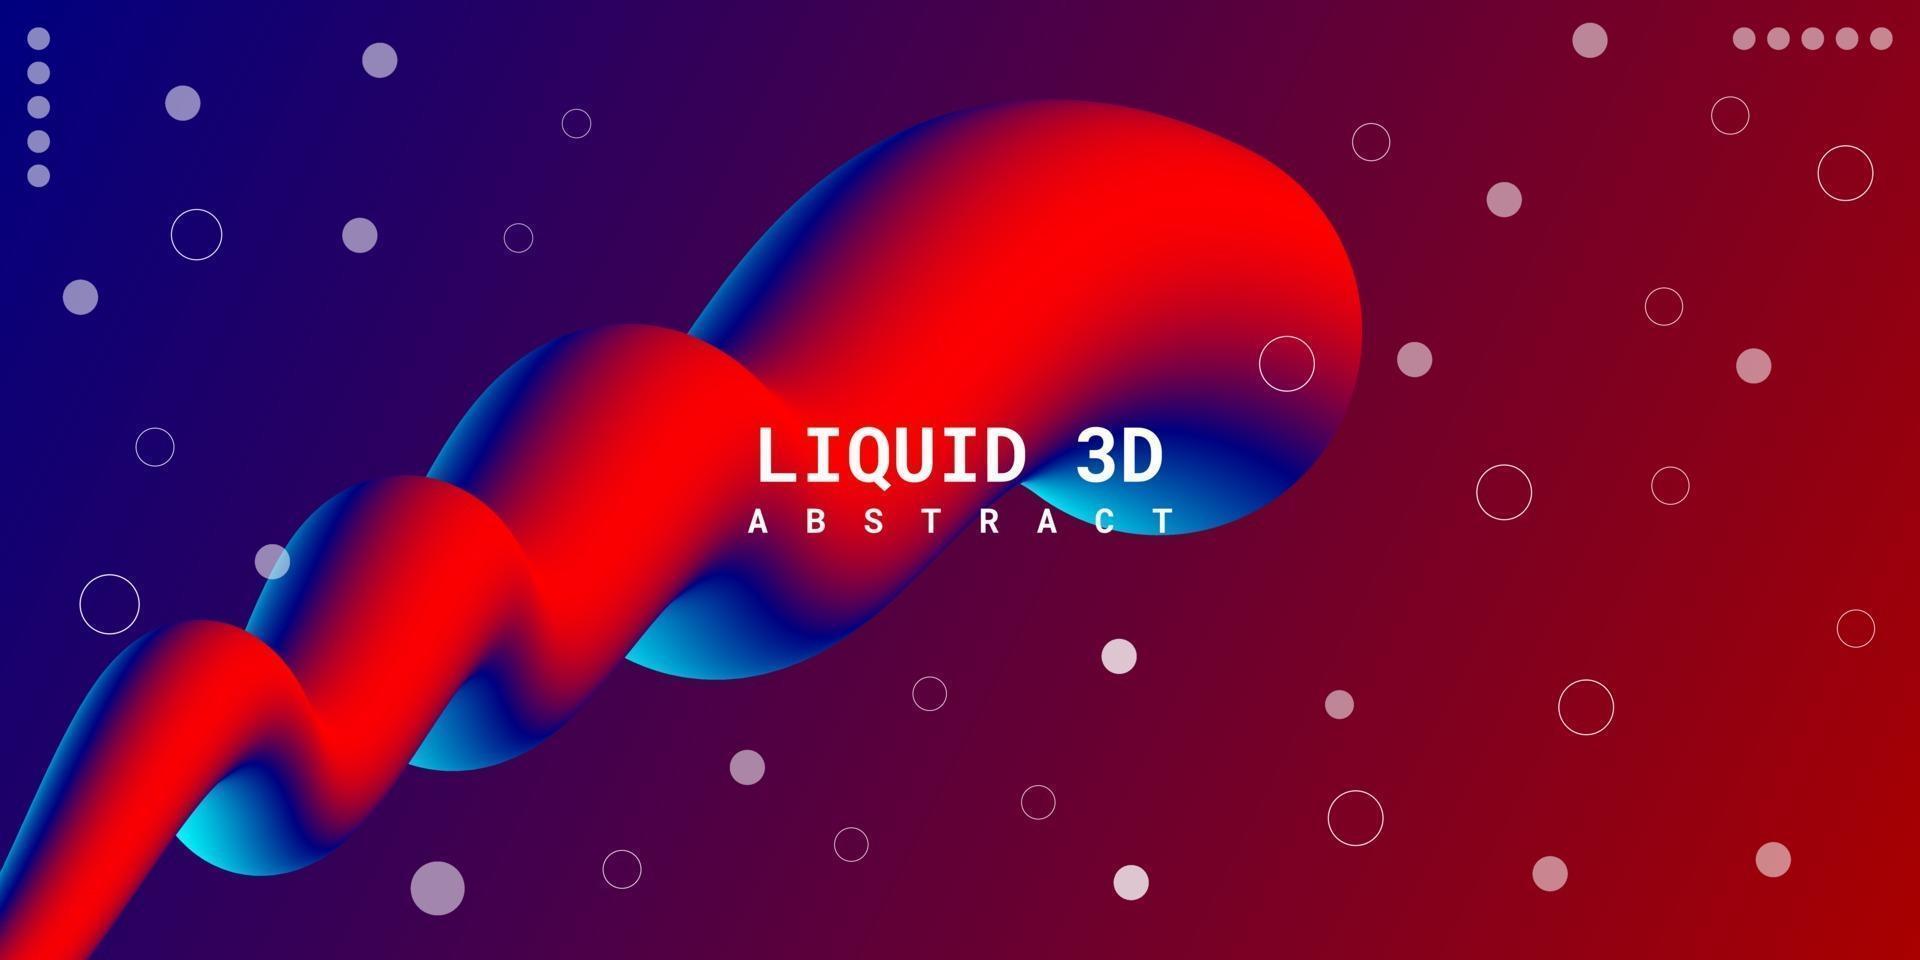 moderne abstracte vloeibare 3D-achtergrond met blauw en rood verloop vector